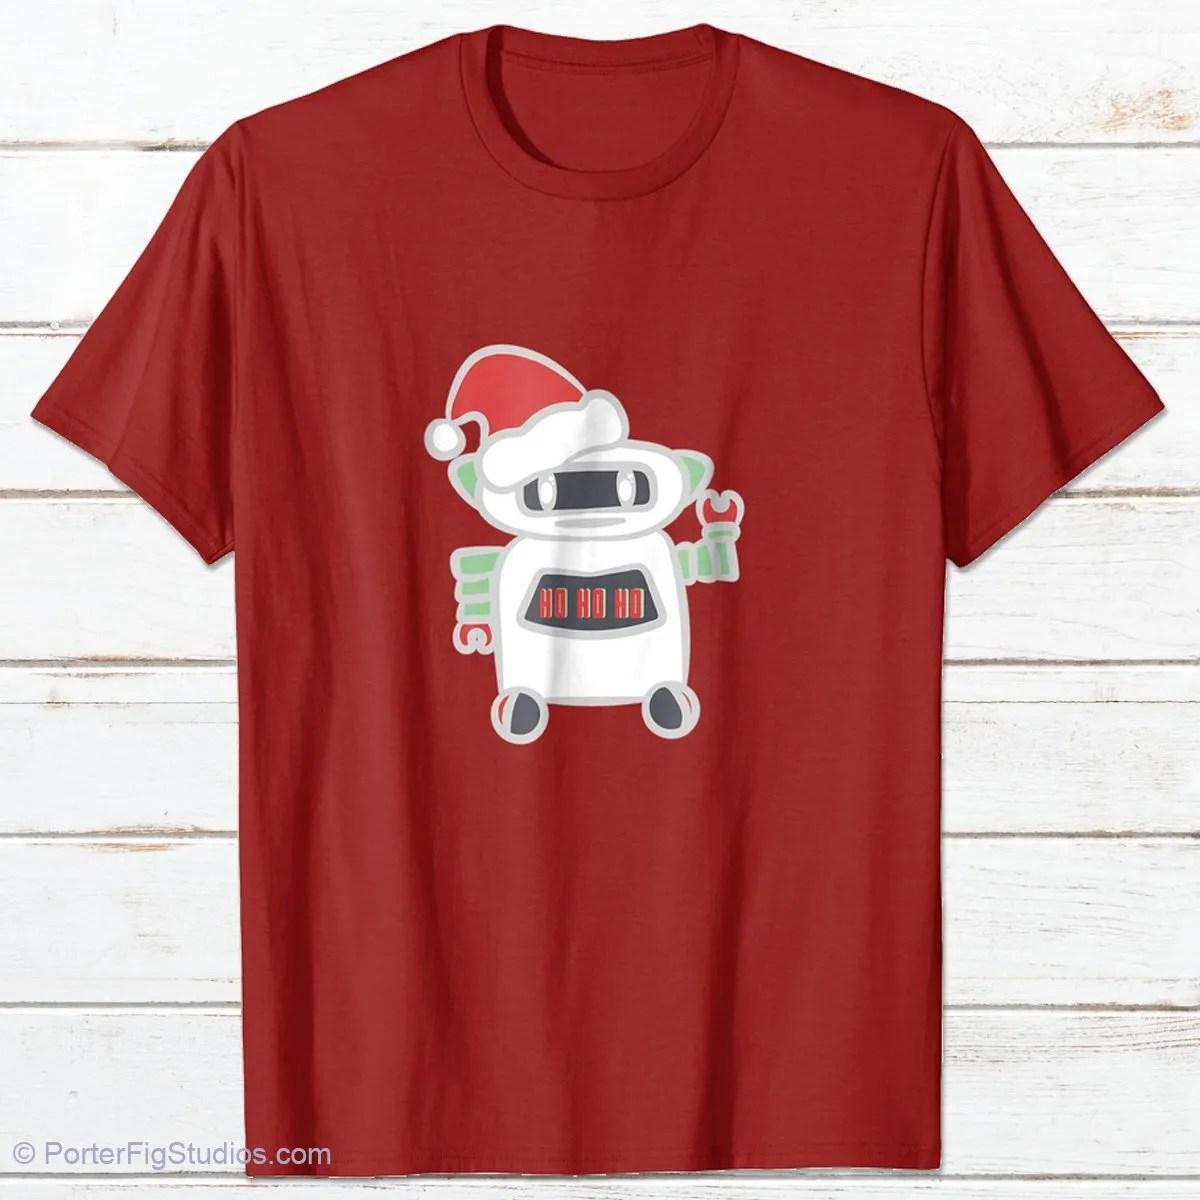 Robot Santa Claus Shirt Design